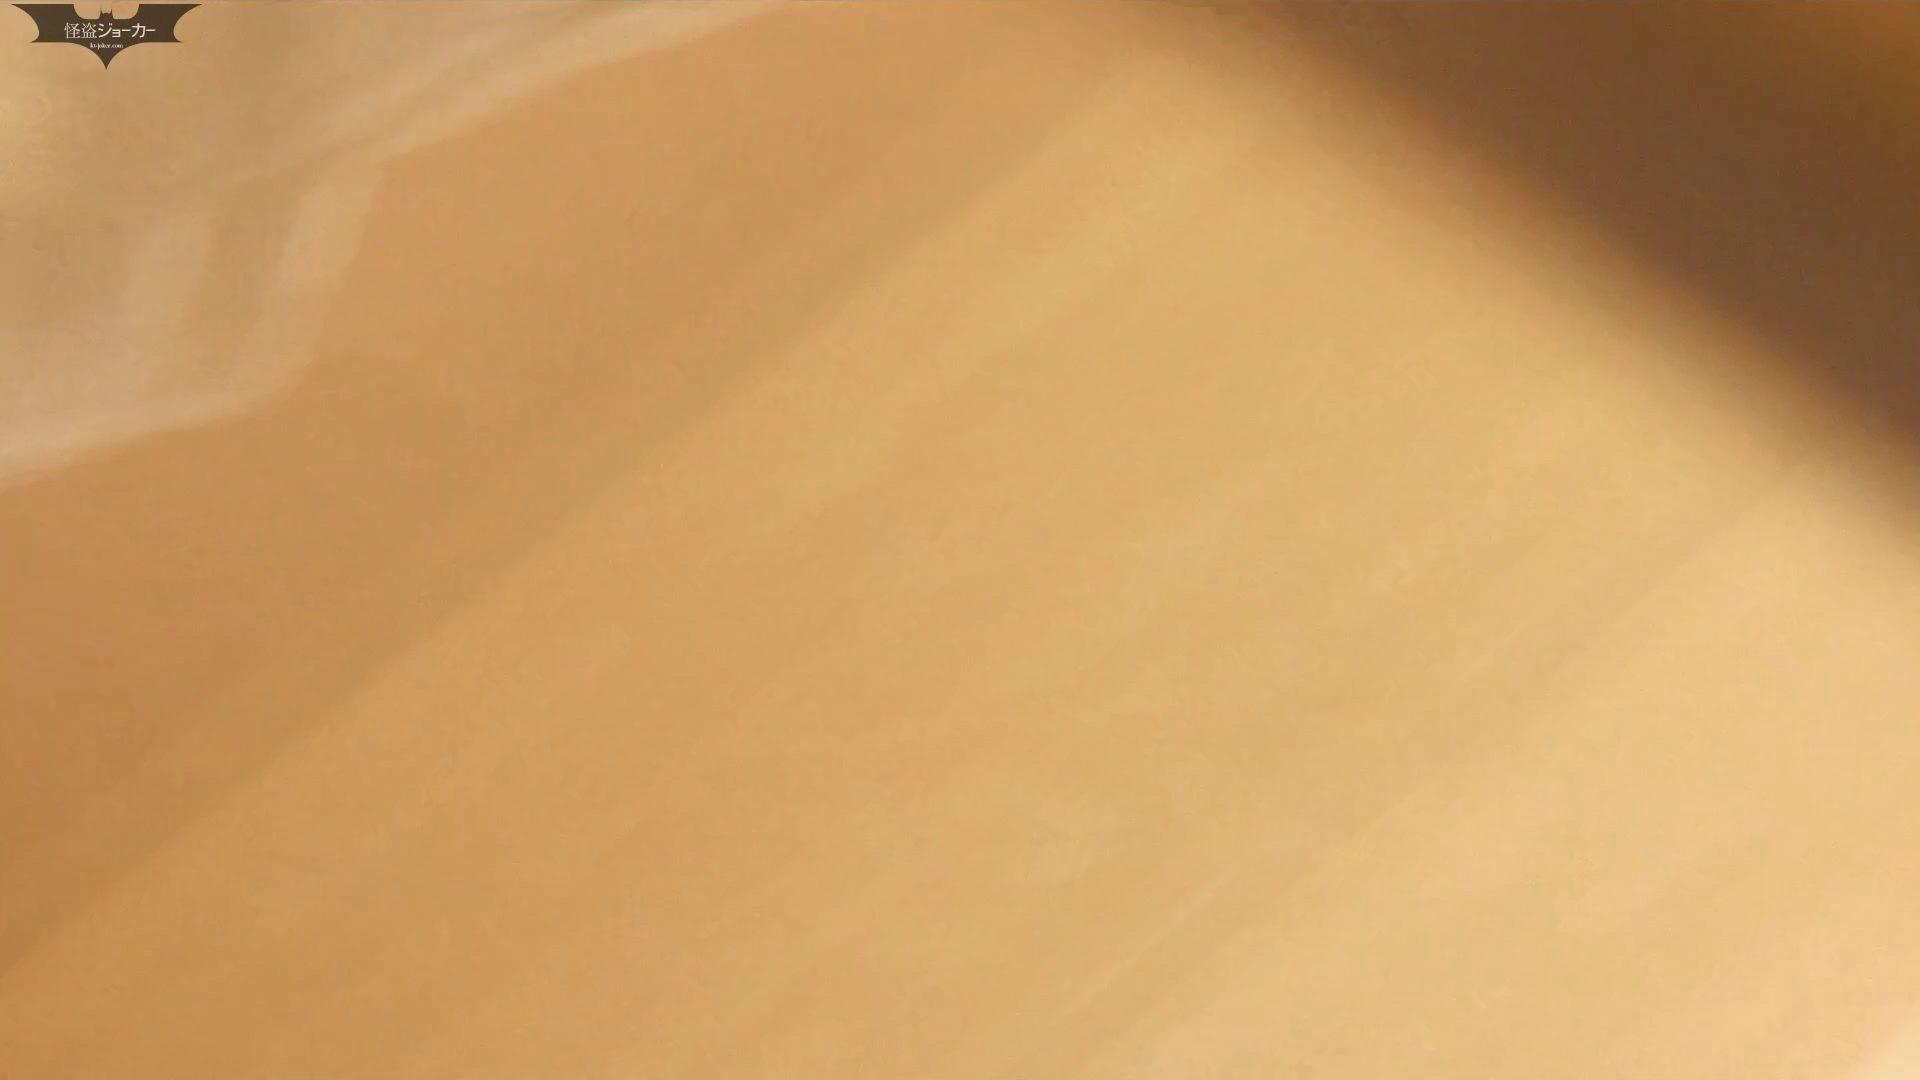 阿国ちゃんの和式洋式七変化 Vol.25 ん?突起物が・・・。 盛合せ エロ画像 83枚 67